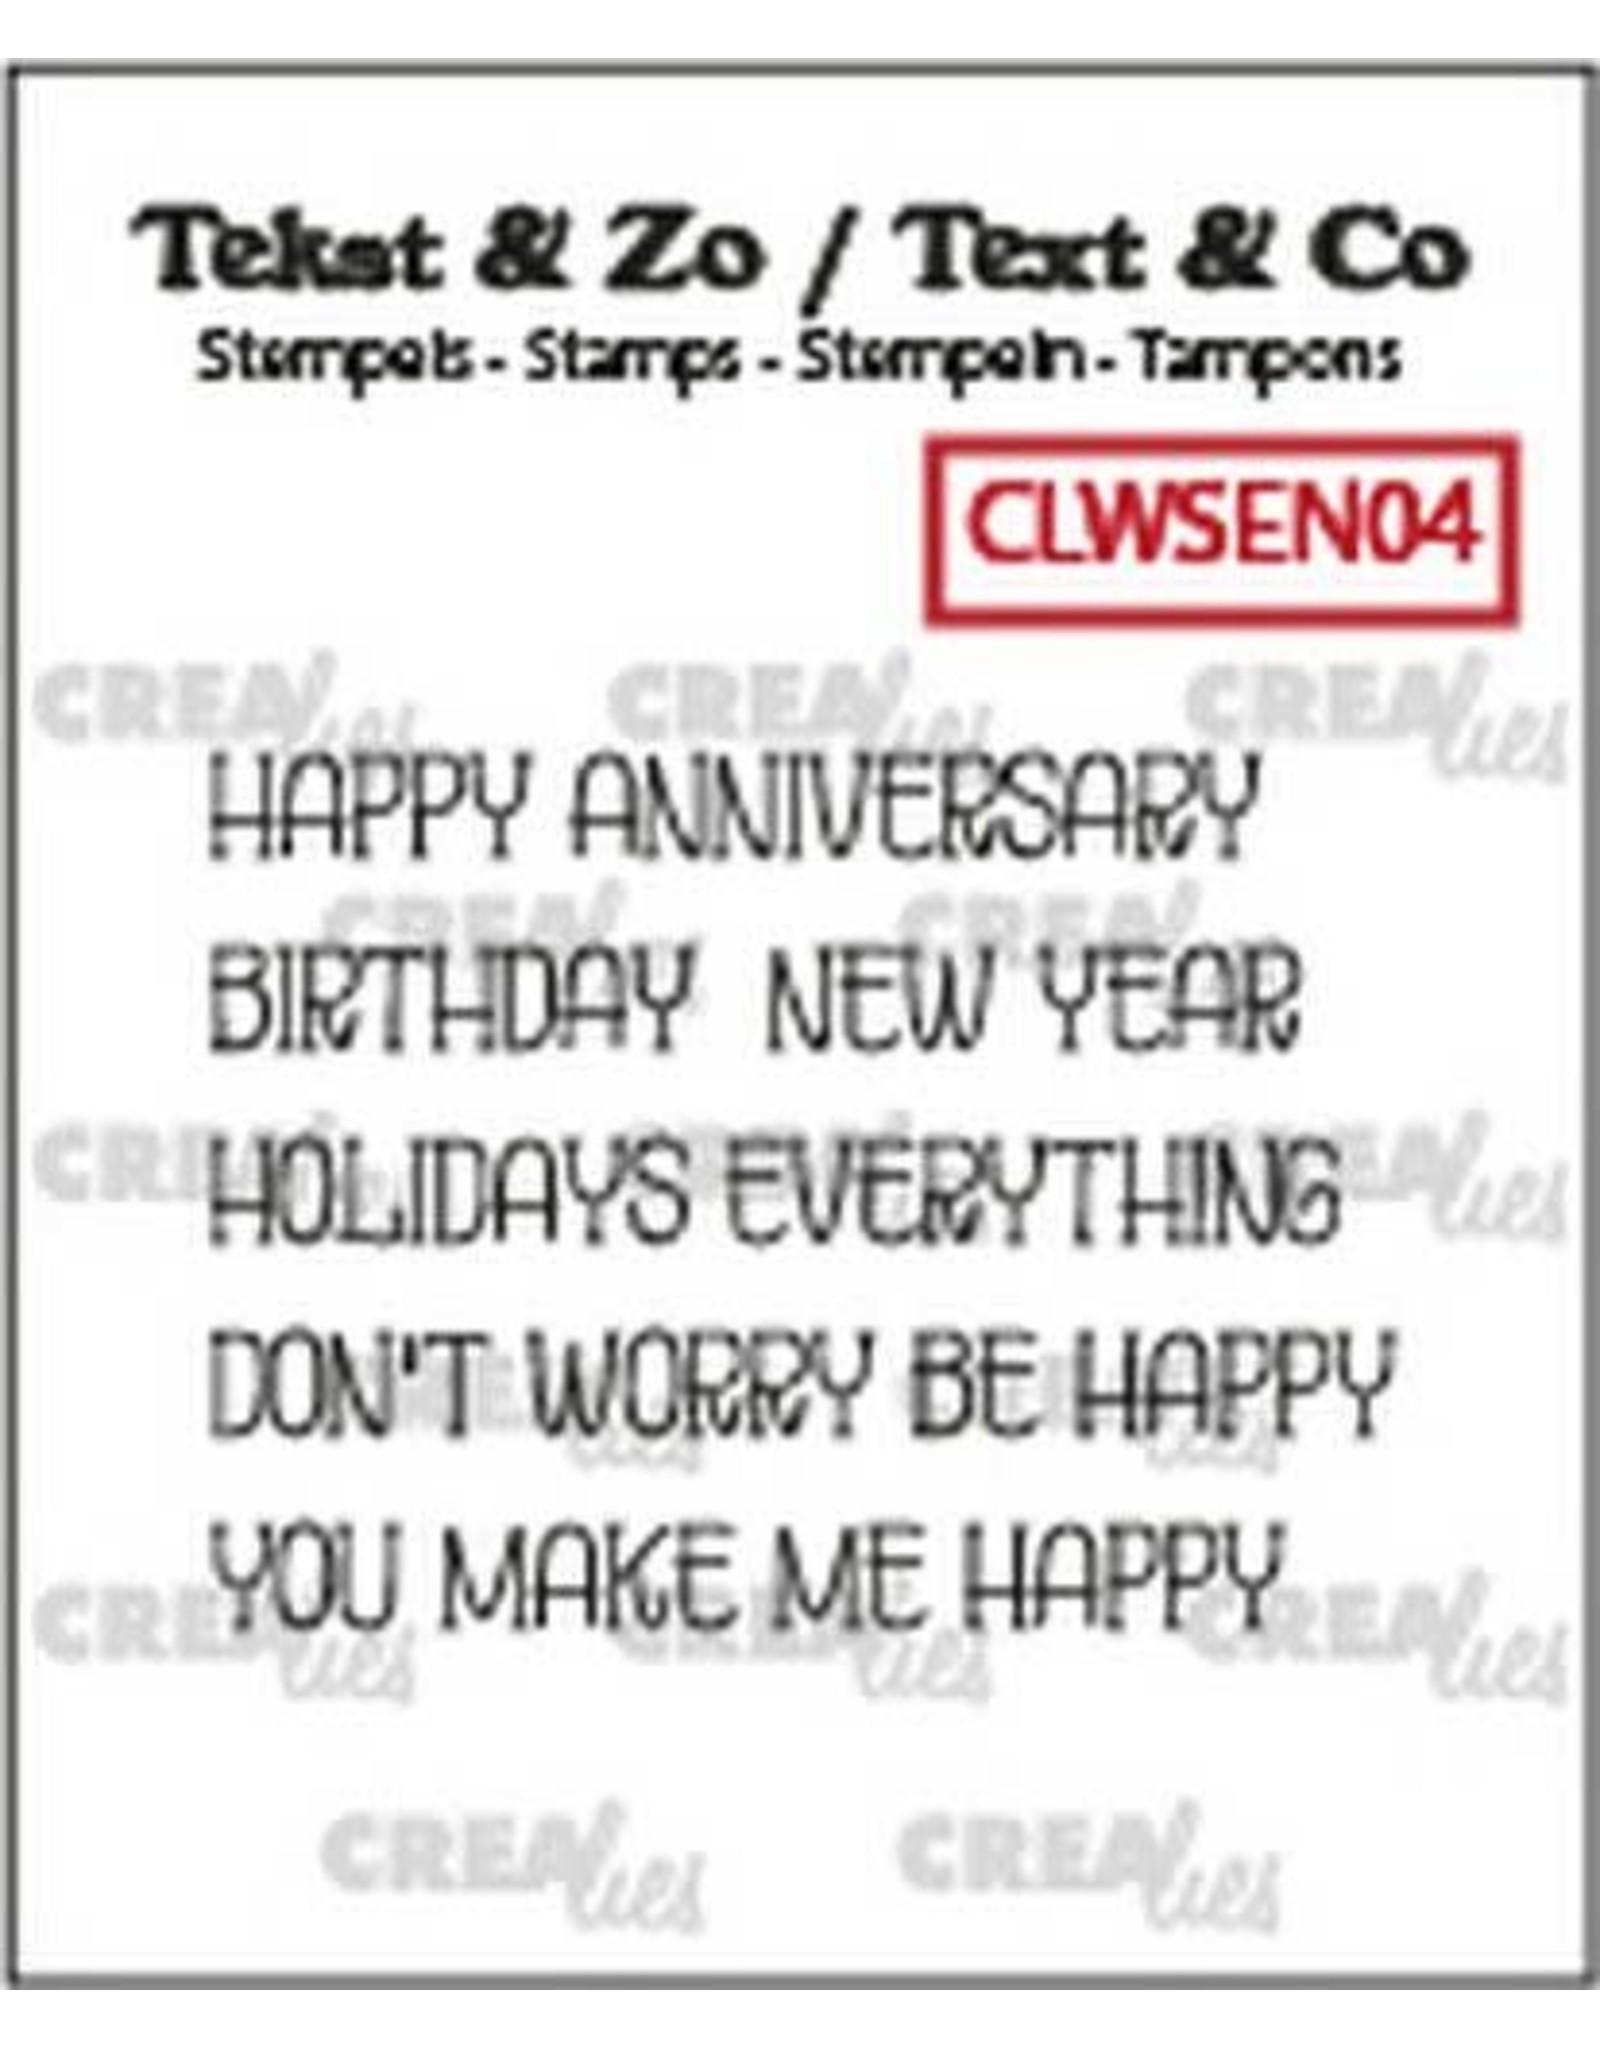 Crealies Crealies Clearstamp Tekst & Zo woordstrips HAPPY (Eng) CLWSEN04